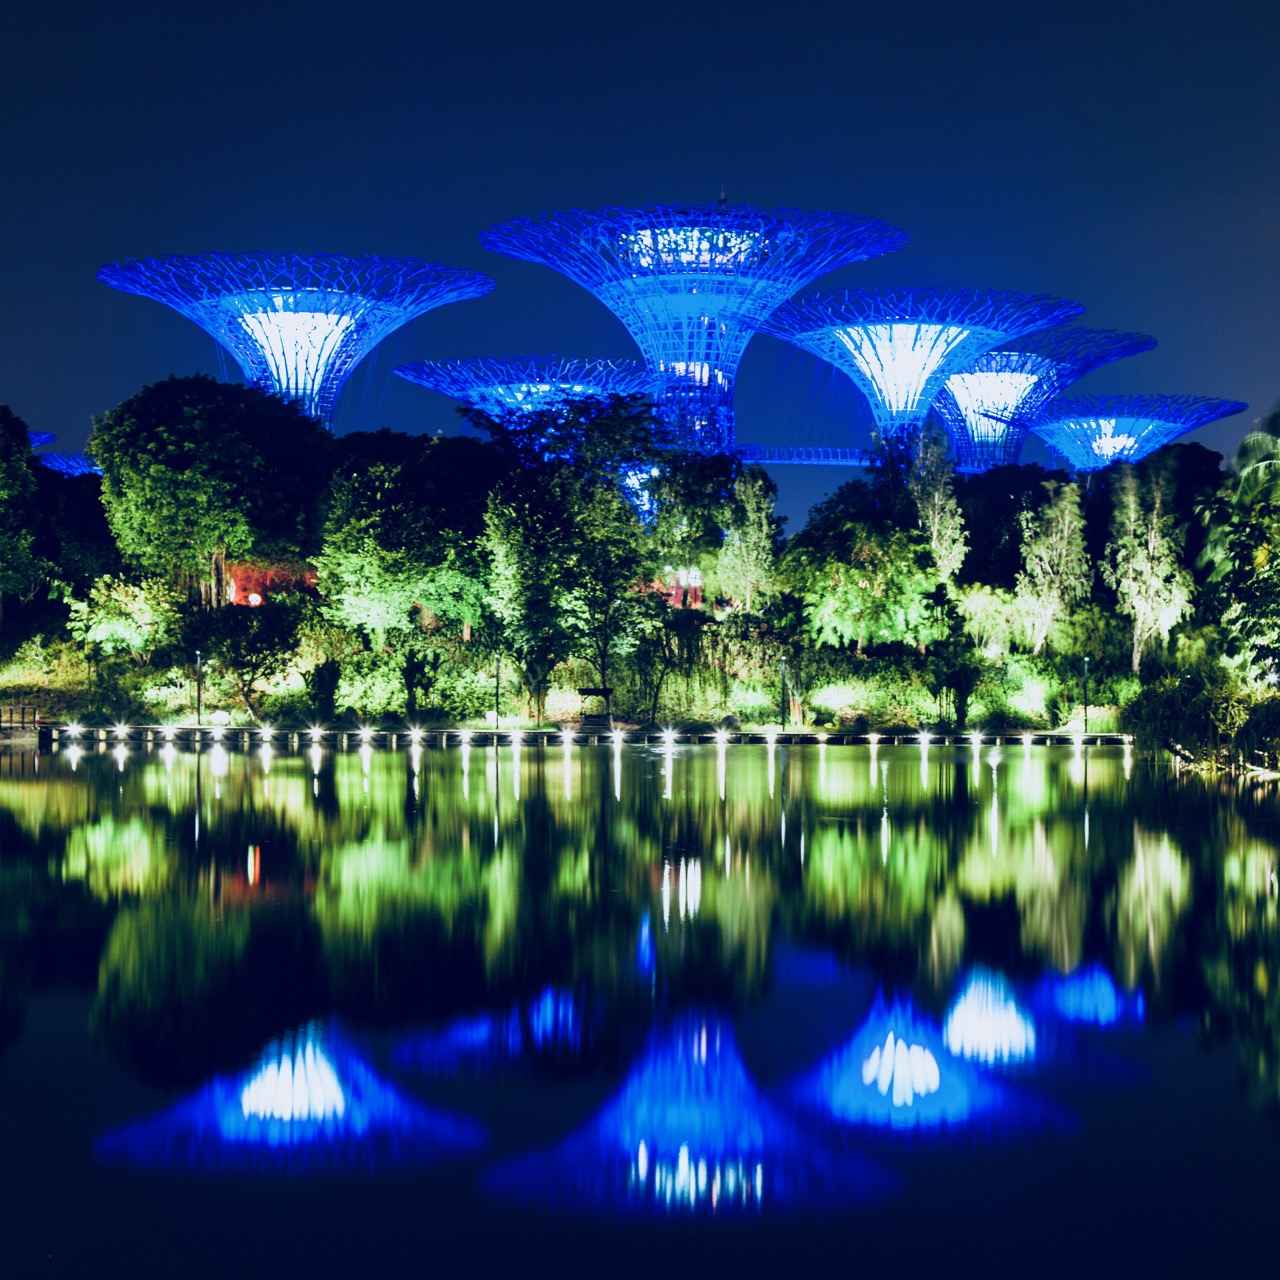 002_Singapur_028